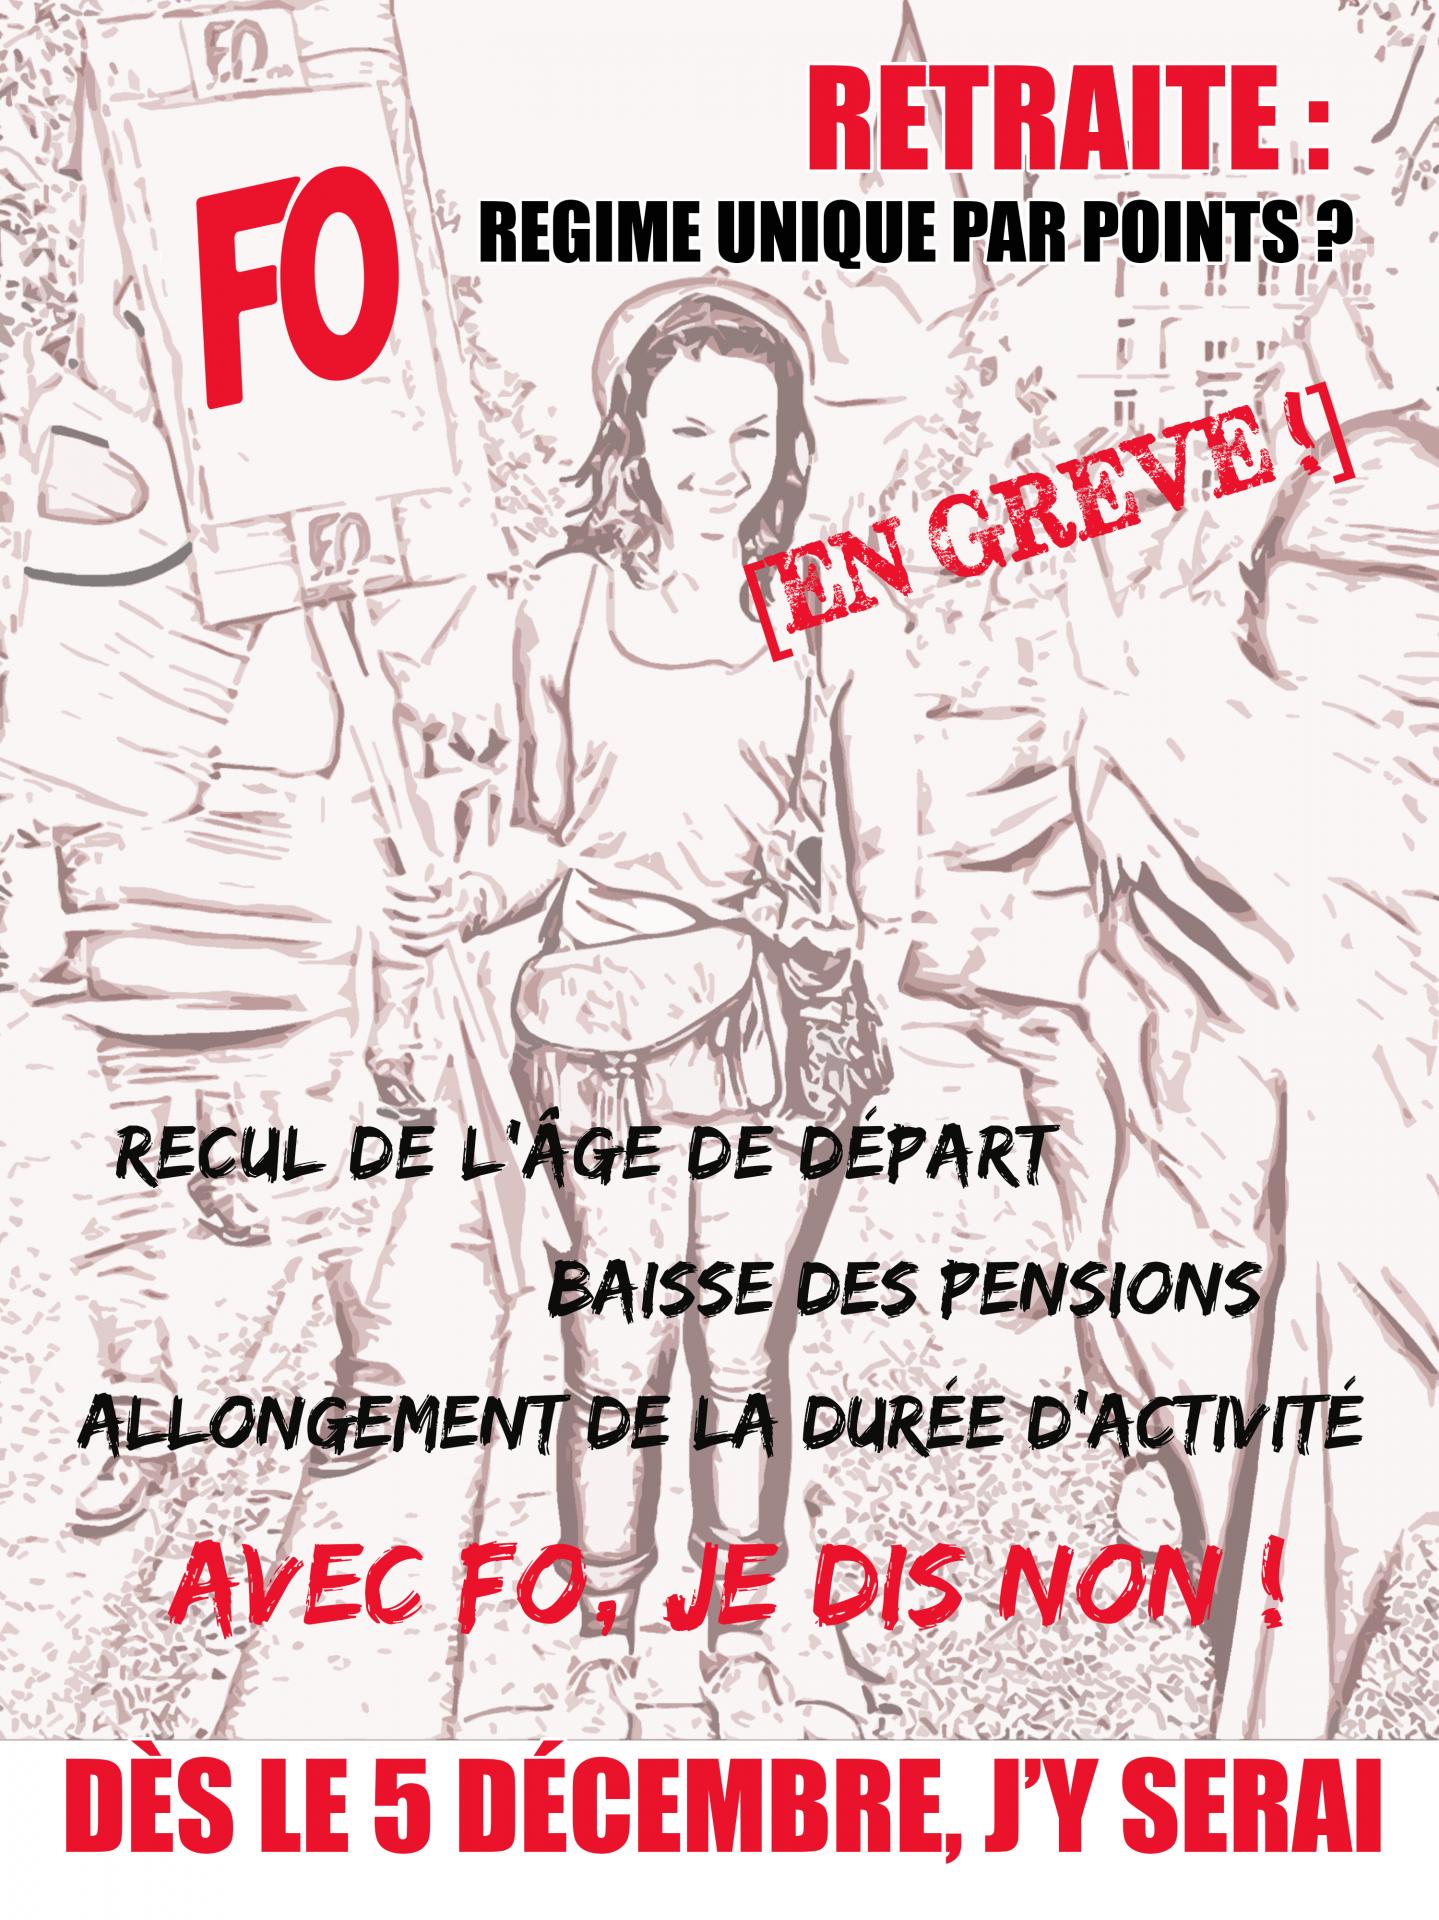 Affiche 5 decembre femme